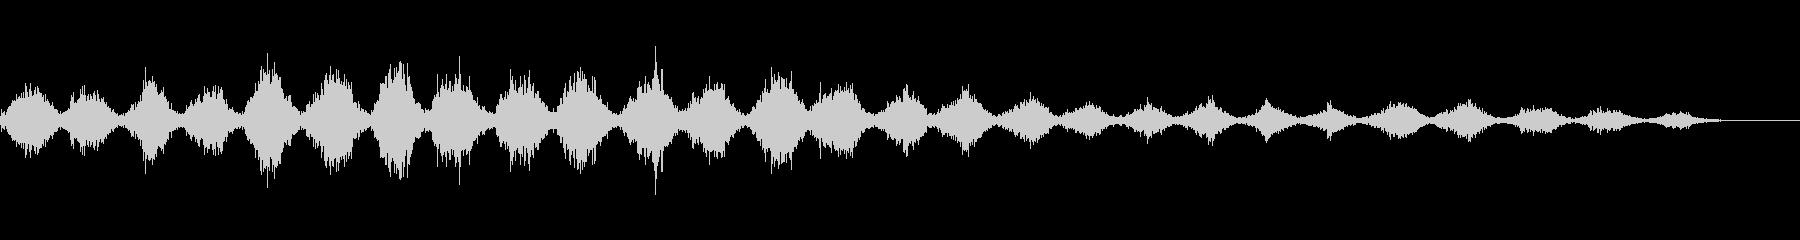 「シャカ、シャキ(刃物を研ぐ音)」の未再生の波形